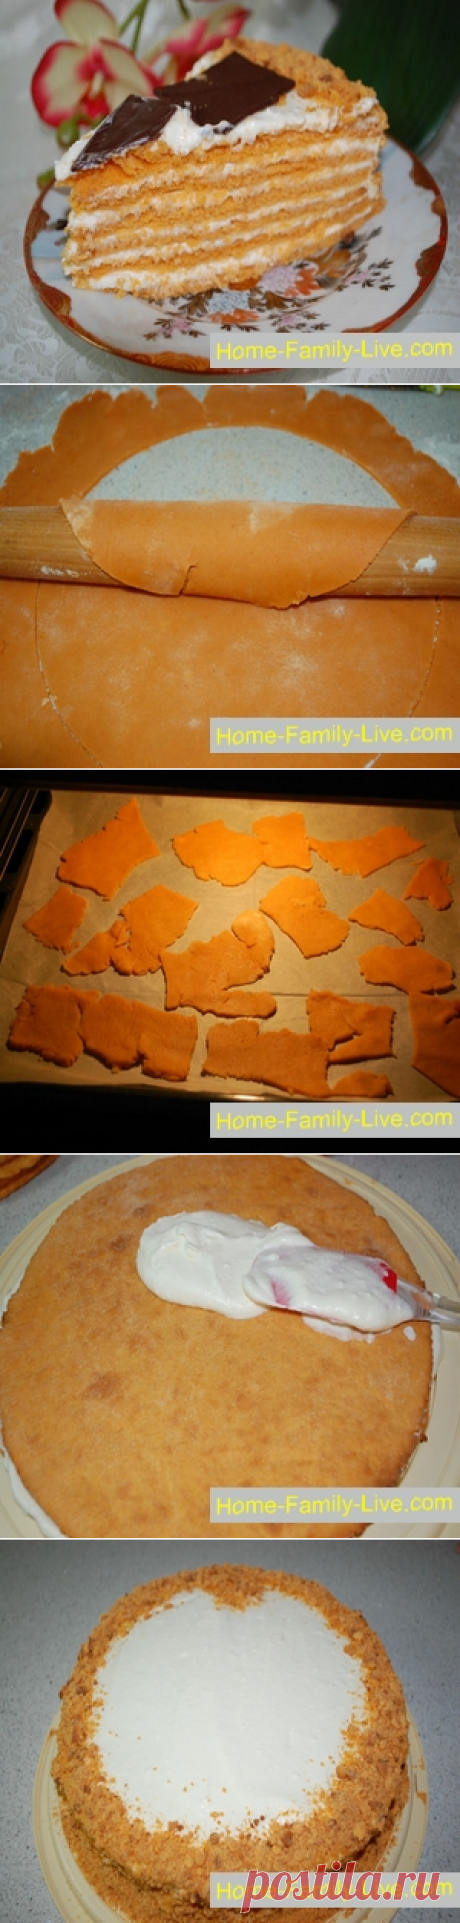 Торт Сахара/Сайт с пошаговыми рецептами с фото для тех кто любит готовить